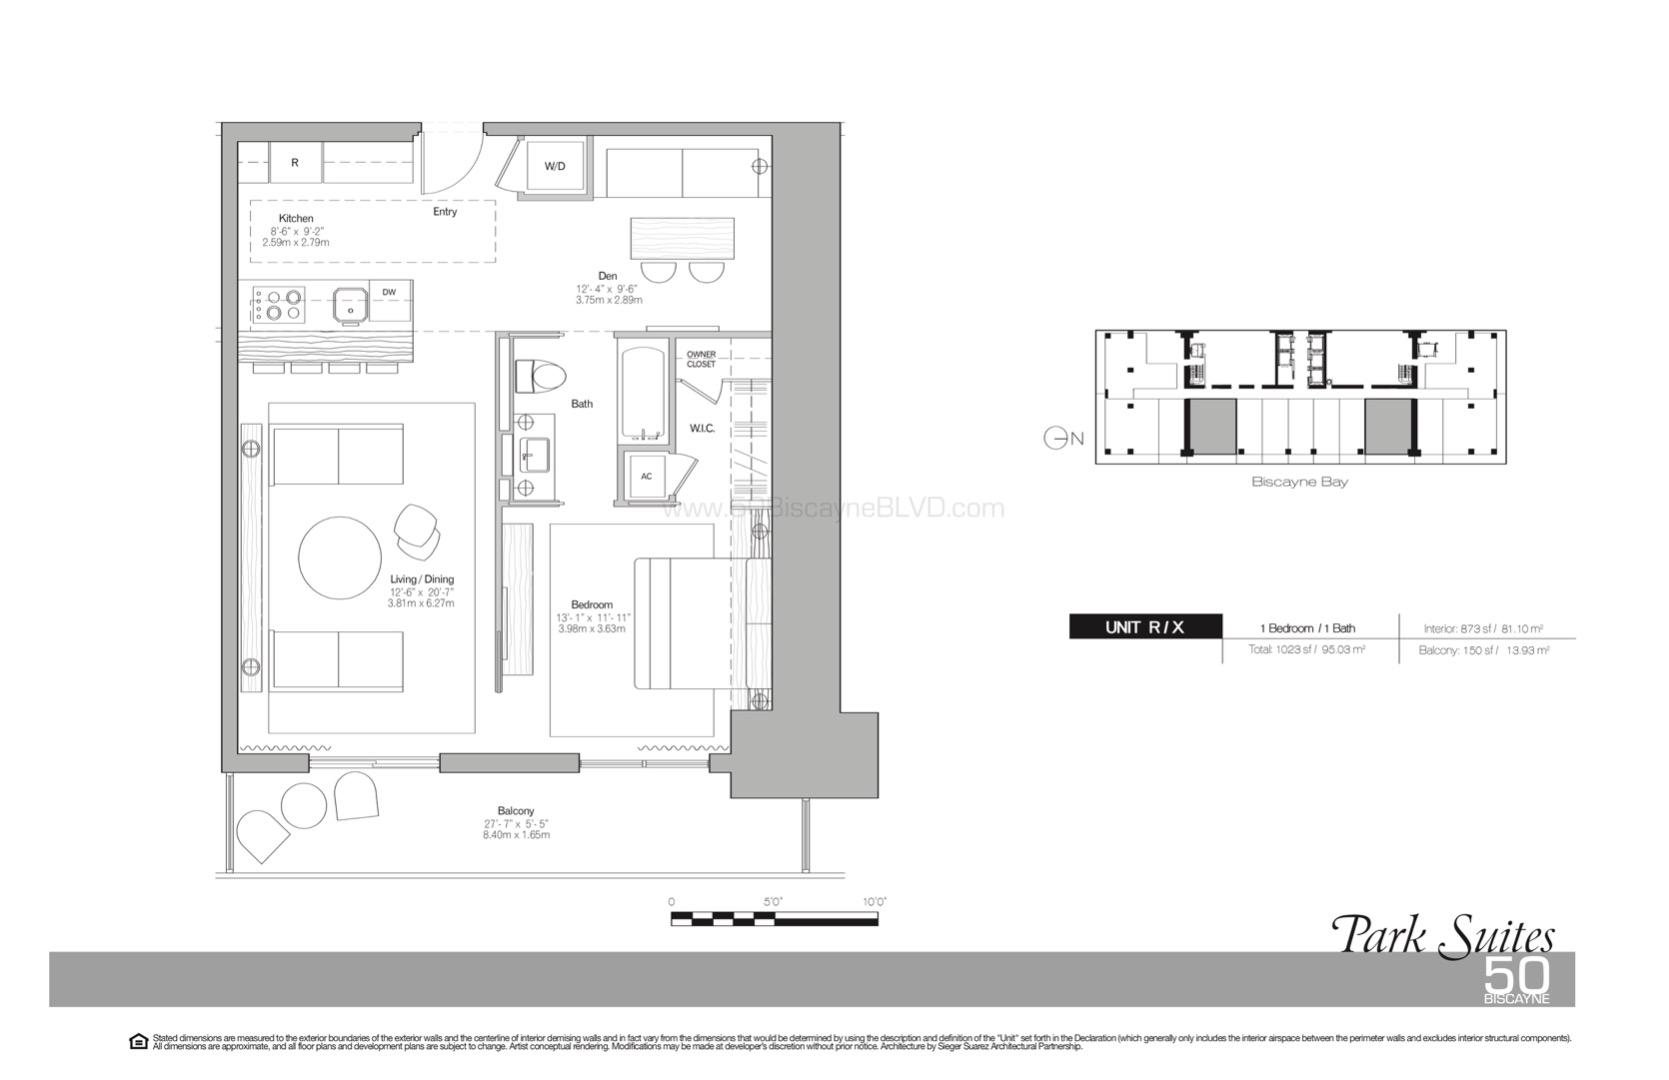 Floor plan image Park Suites R/X - 1/1/Den  - 873 sqft image